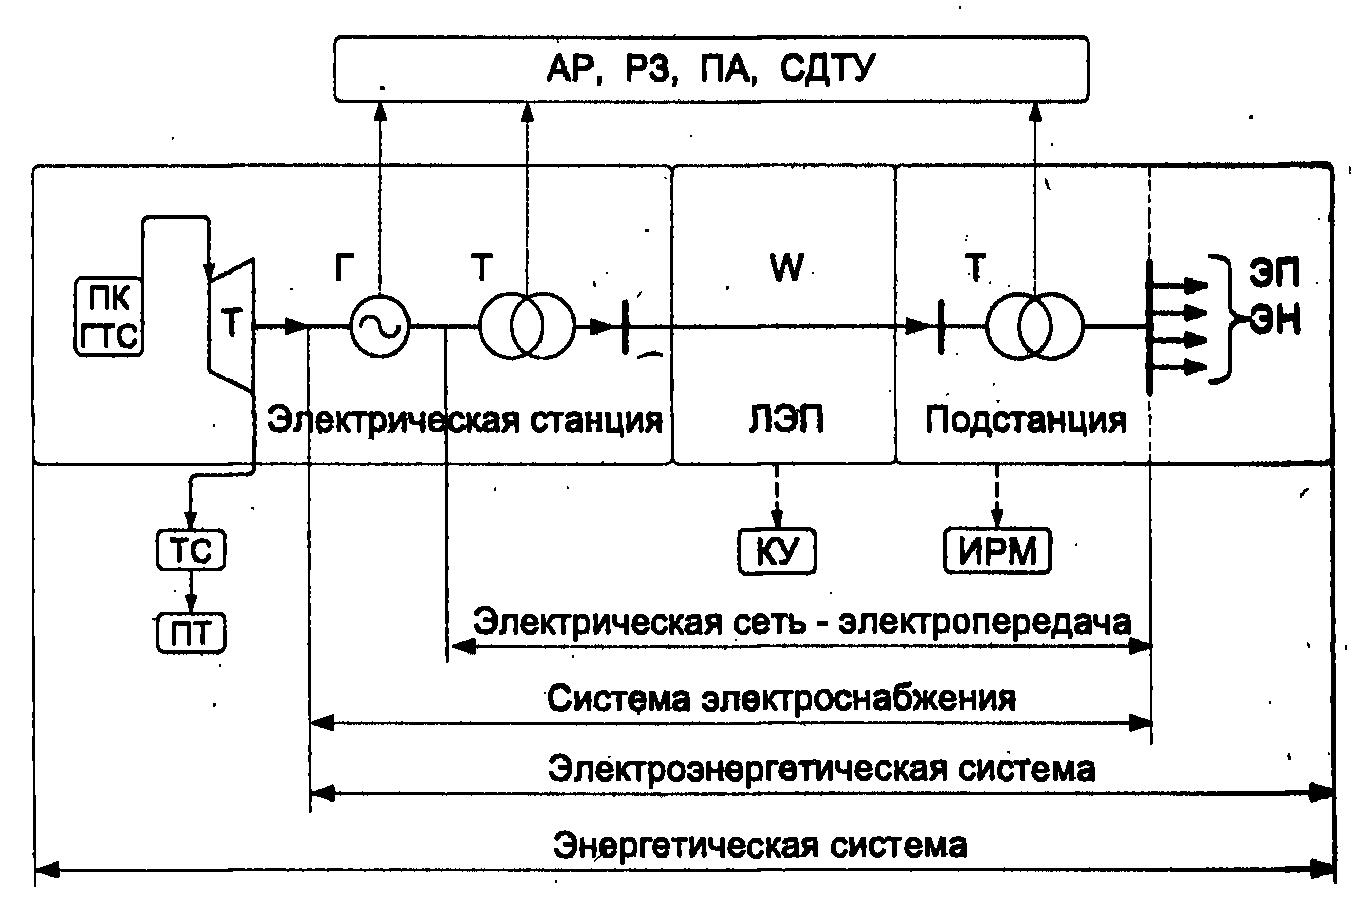 развитие системы передачи энергии